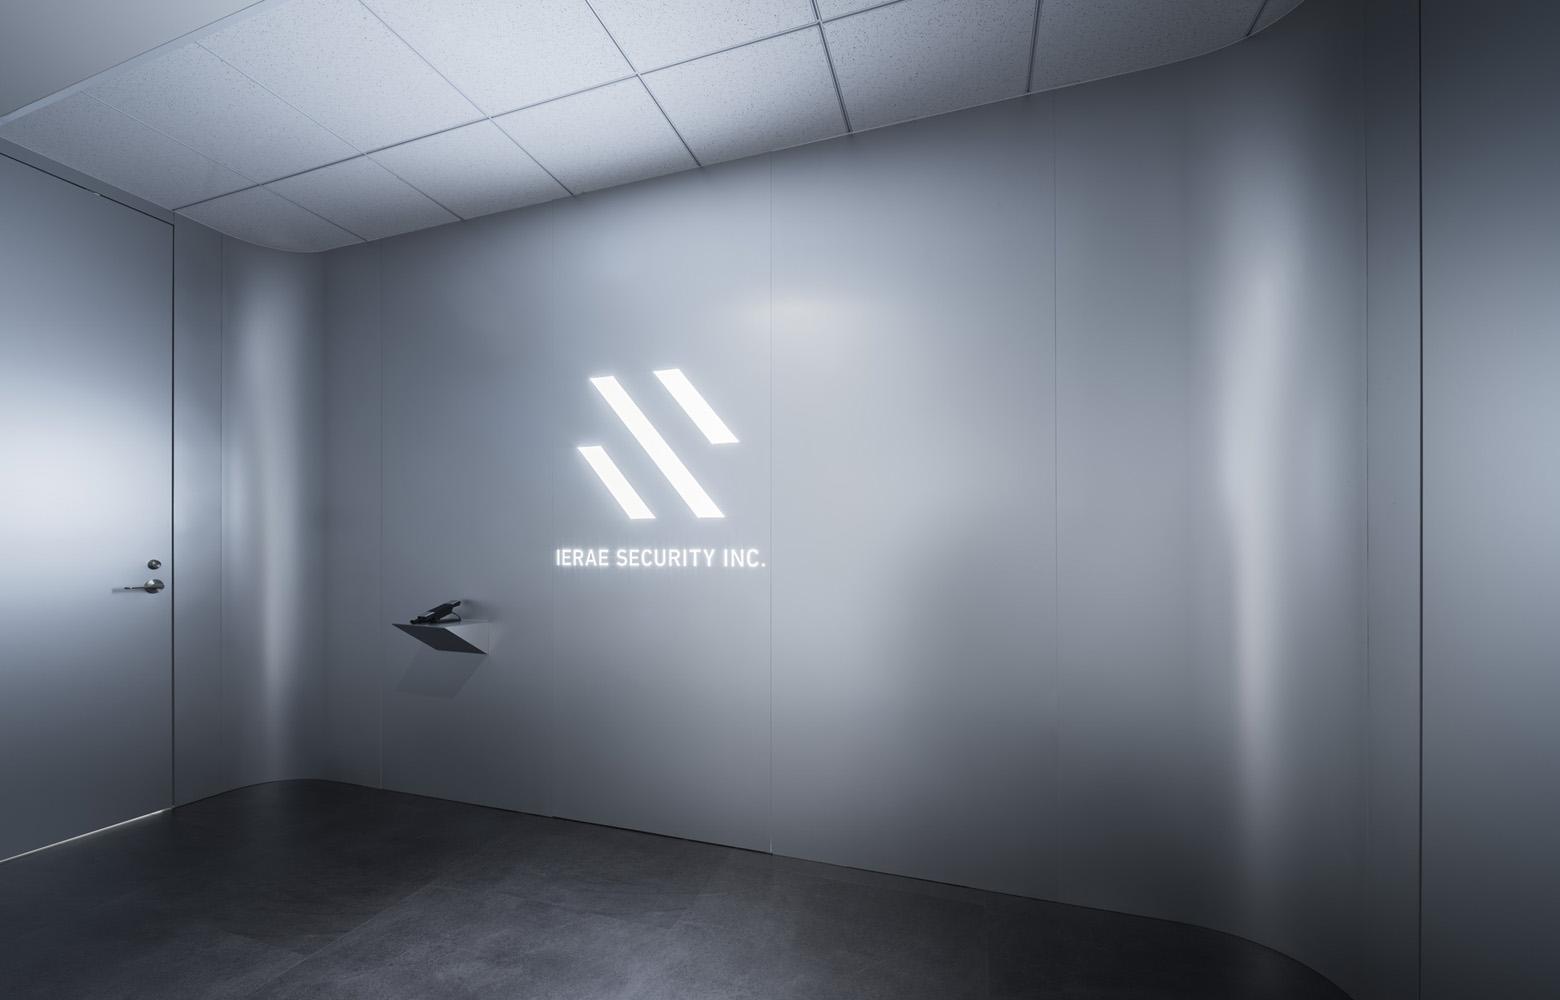 株式会社イエラエセキュリティ Entrance_2 デザイン・レイアウト事例